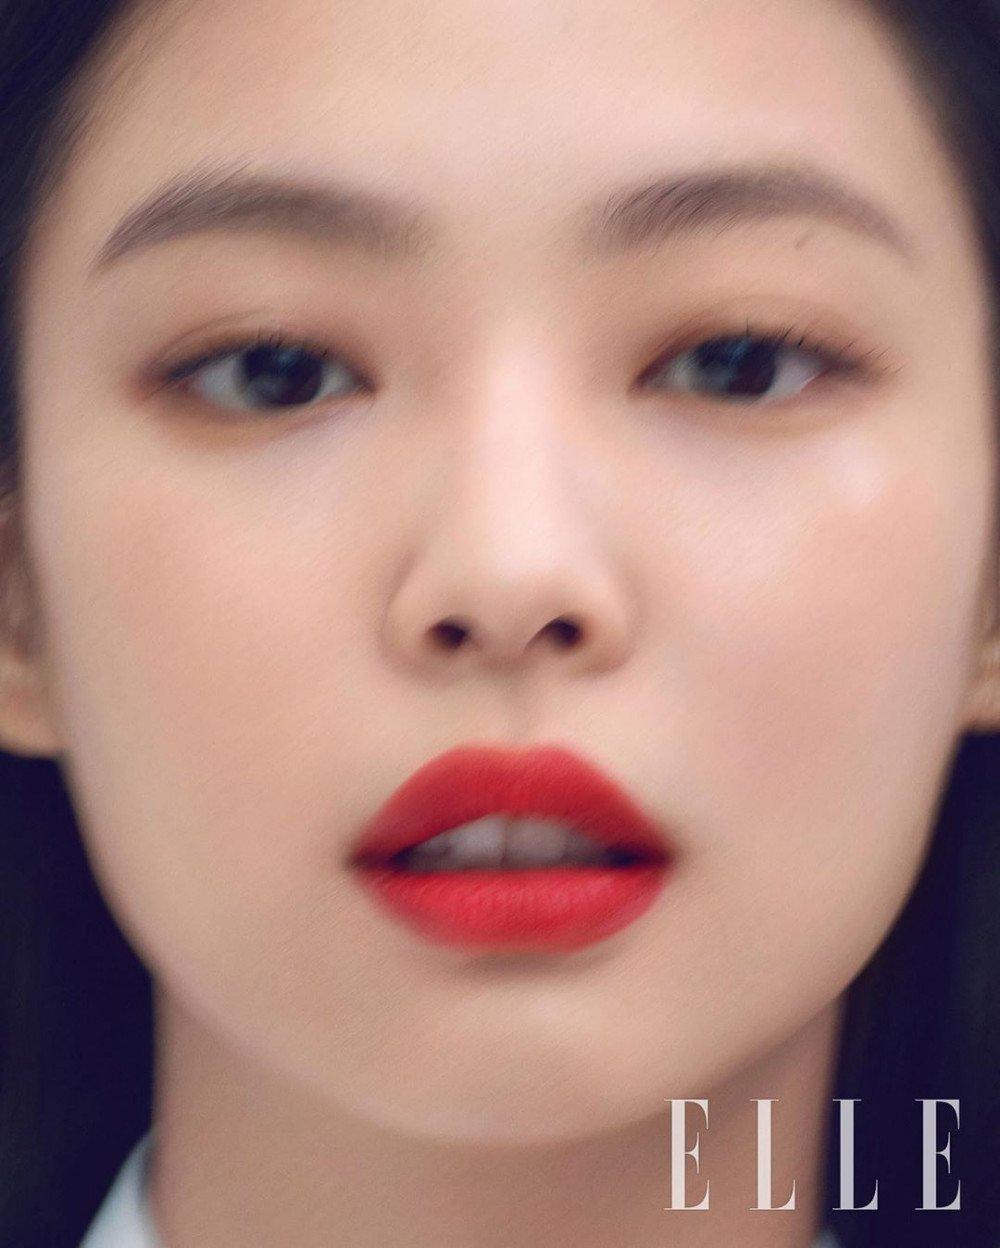 blackpink-jennie-shows-elegant-lip-colors-elle-2